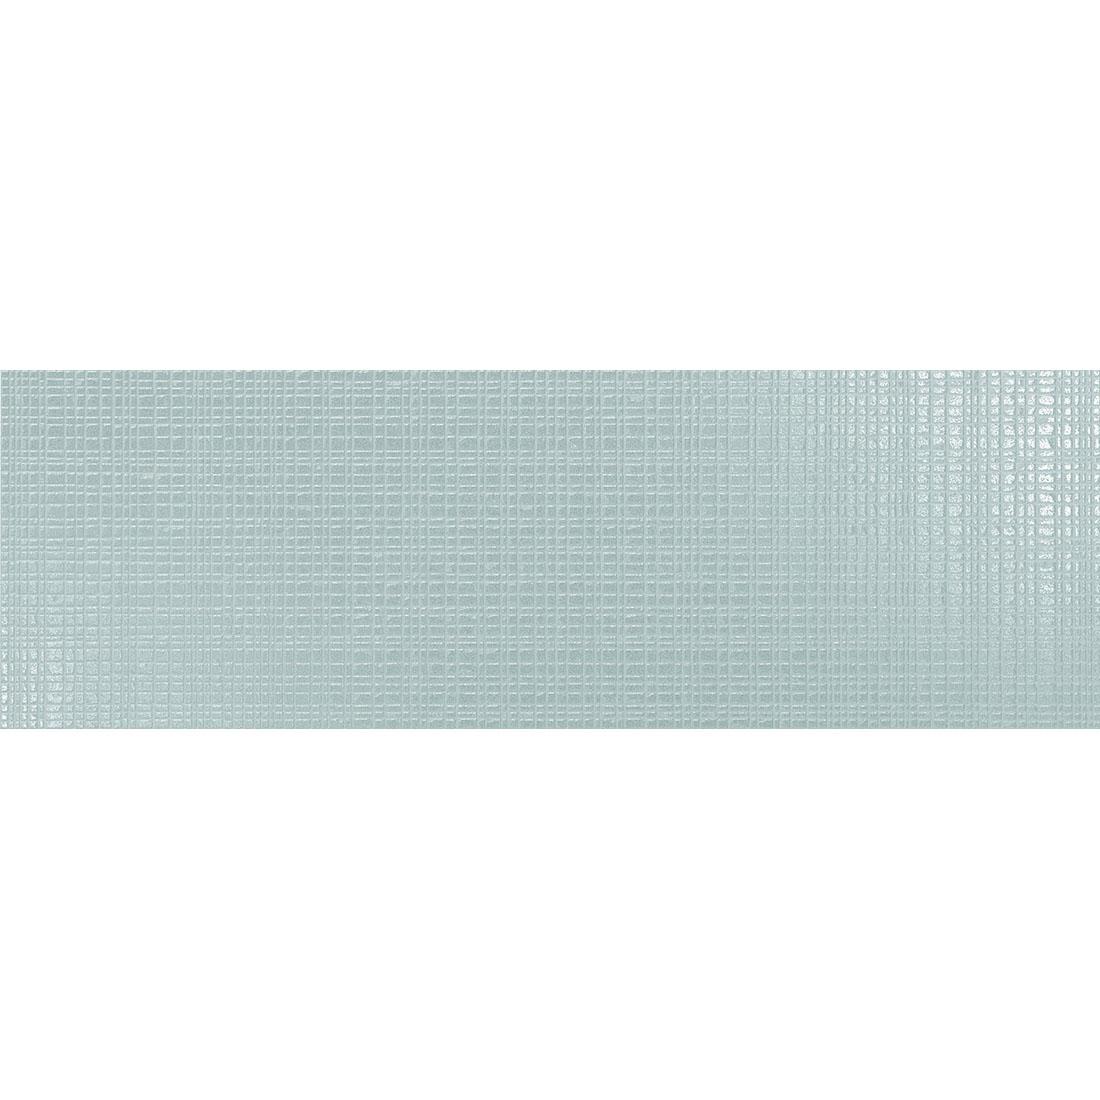 Soft Mos 40x120 Gris